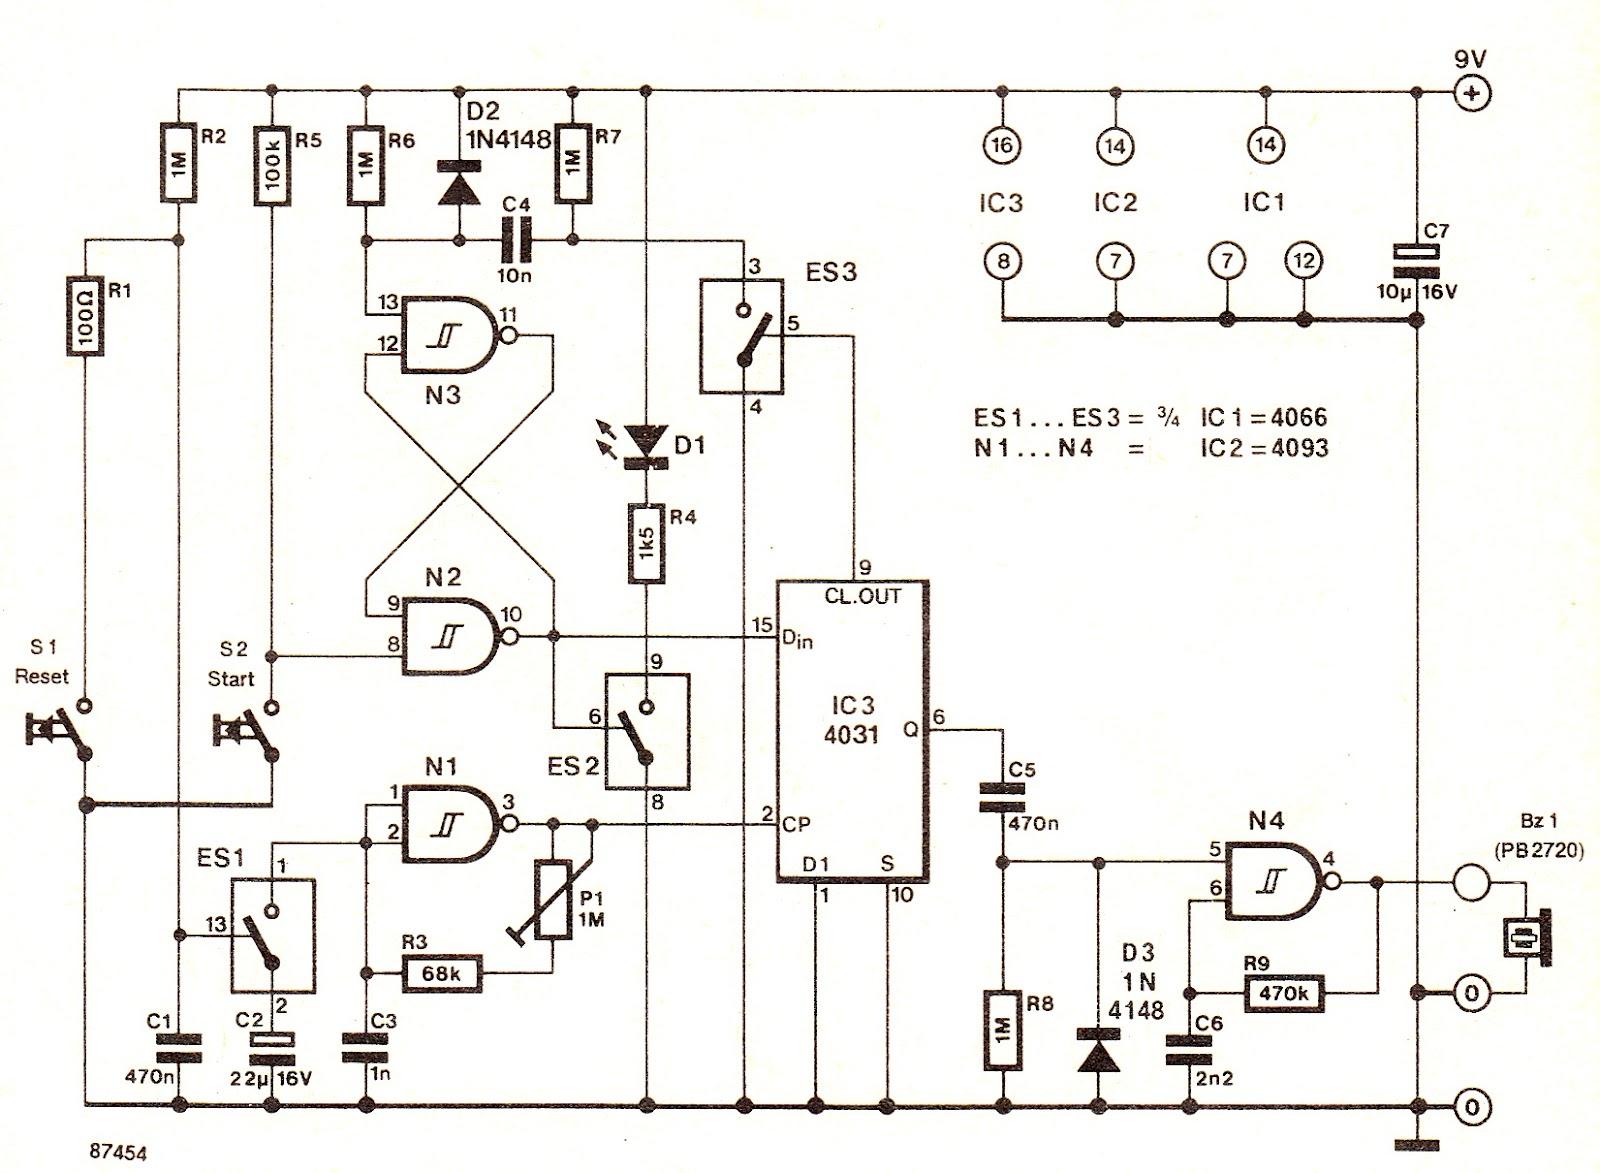 dual element water heater wiring diagram 2002 dodge intrepid engine geyser circuit schematic 39